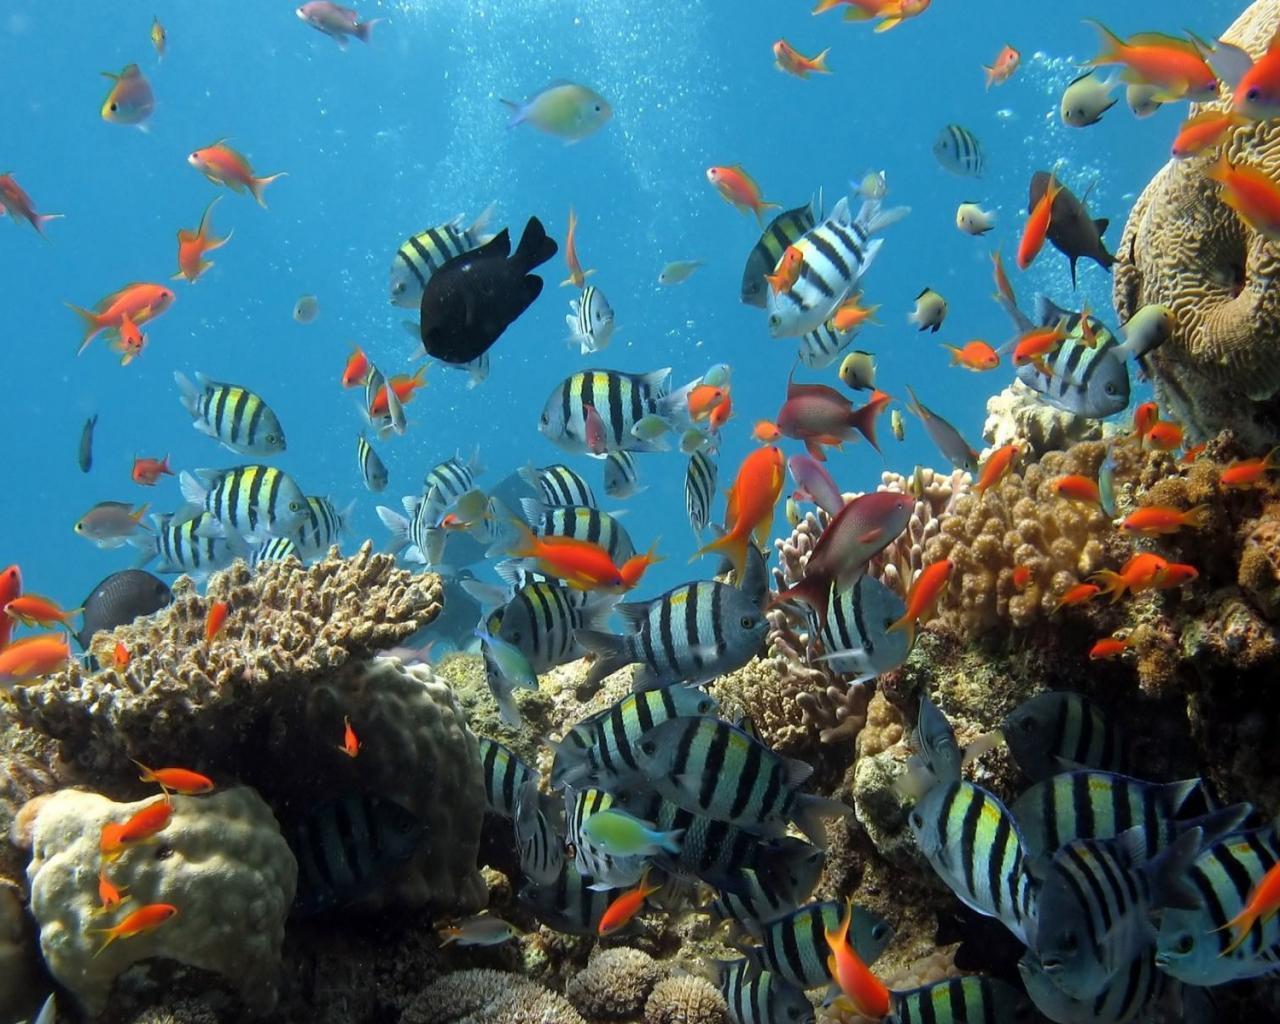 Подводный мир океана 1280x1024